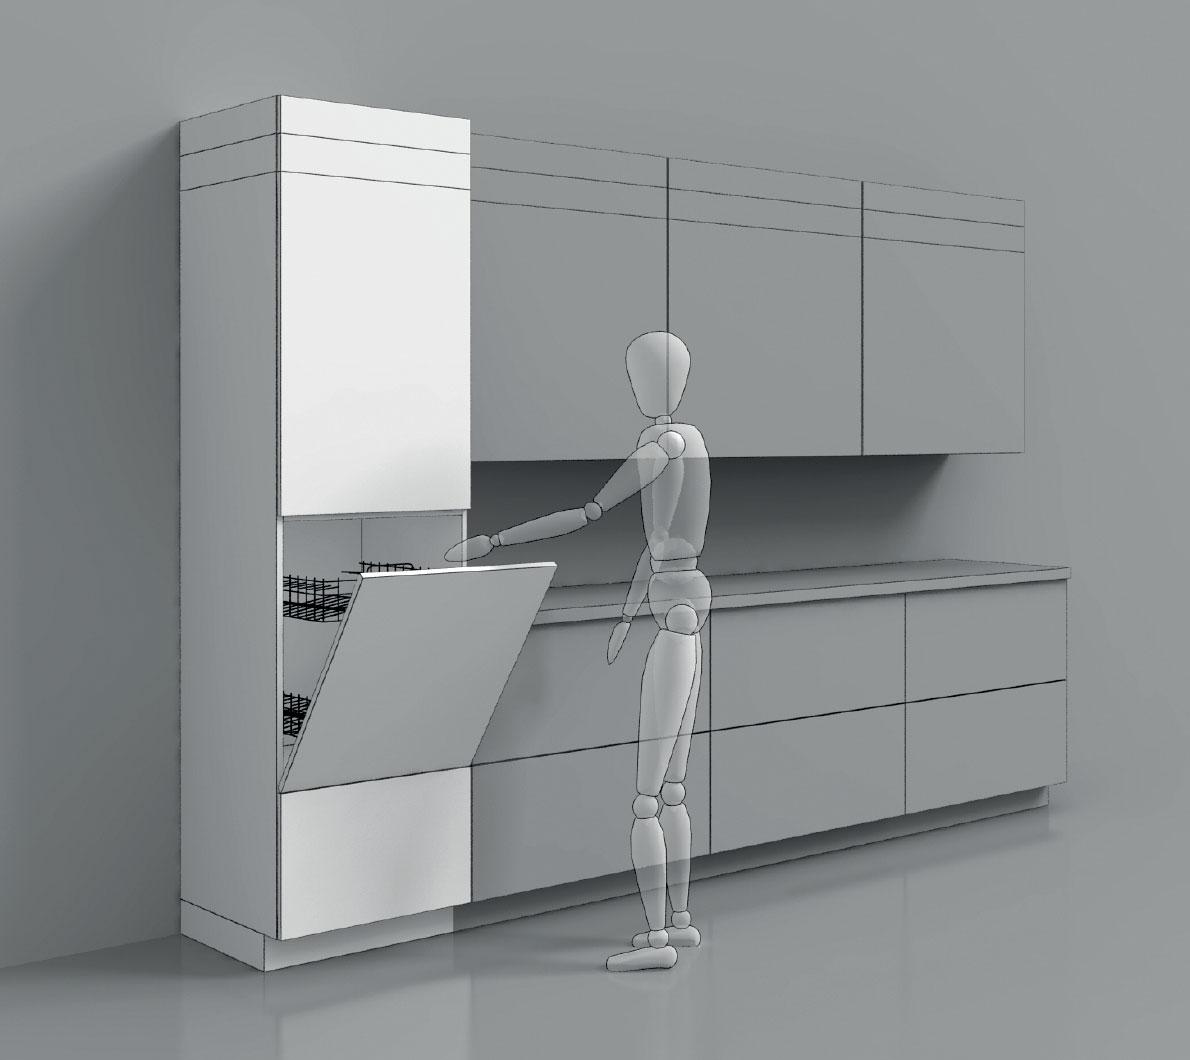 Pomôcky pre navrhnutie dokonalej kuchyne - Ideálna poloha umývačky pre naše chrbáty